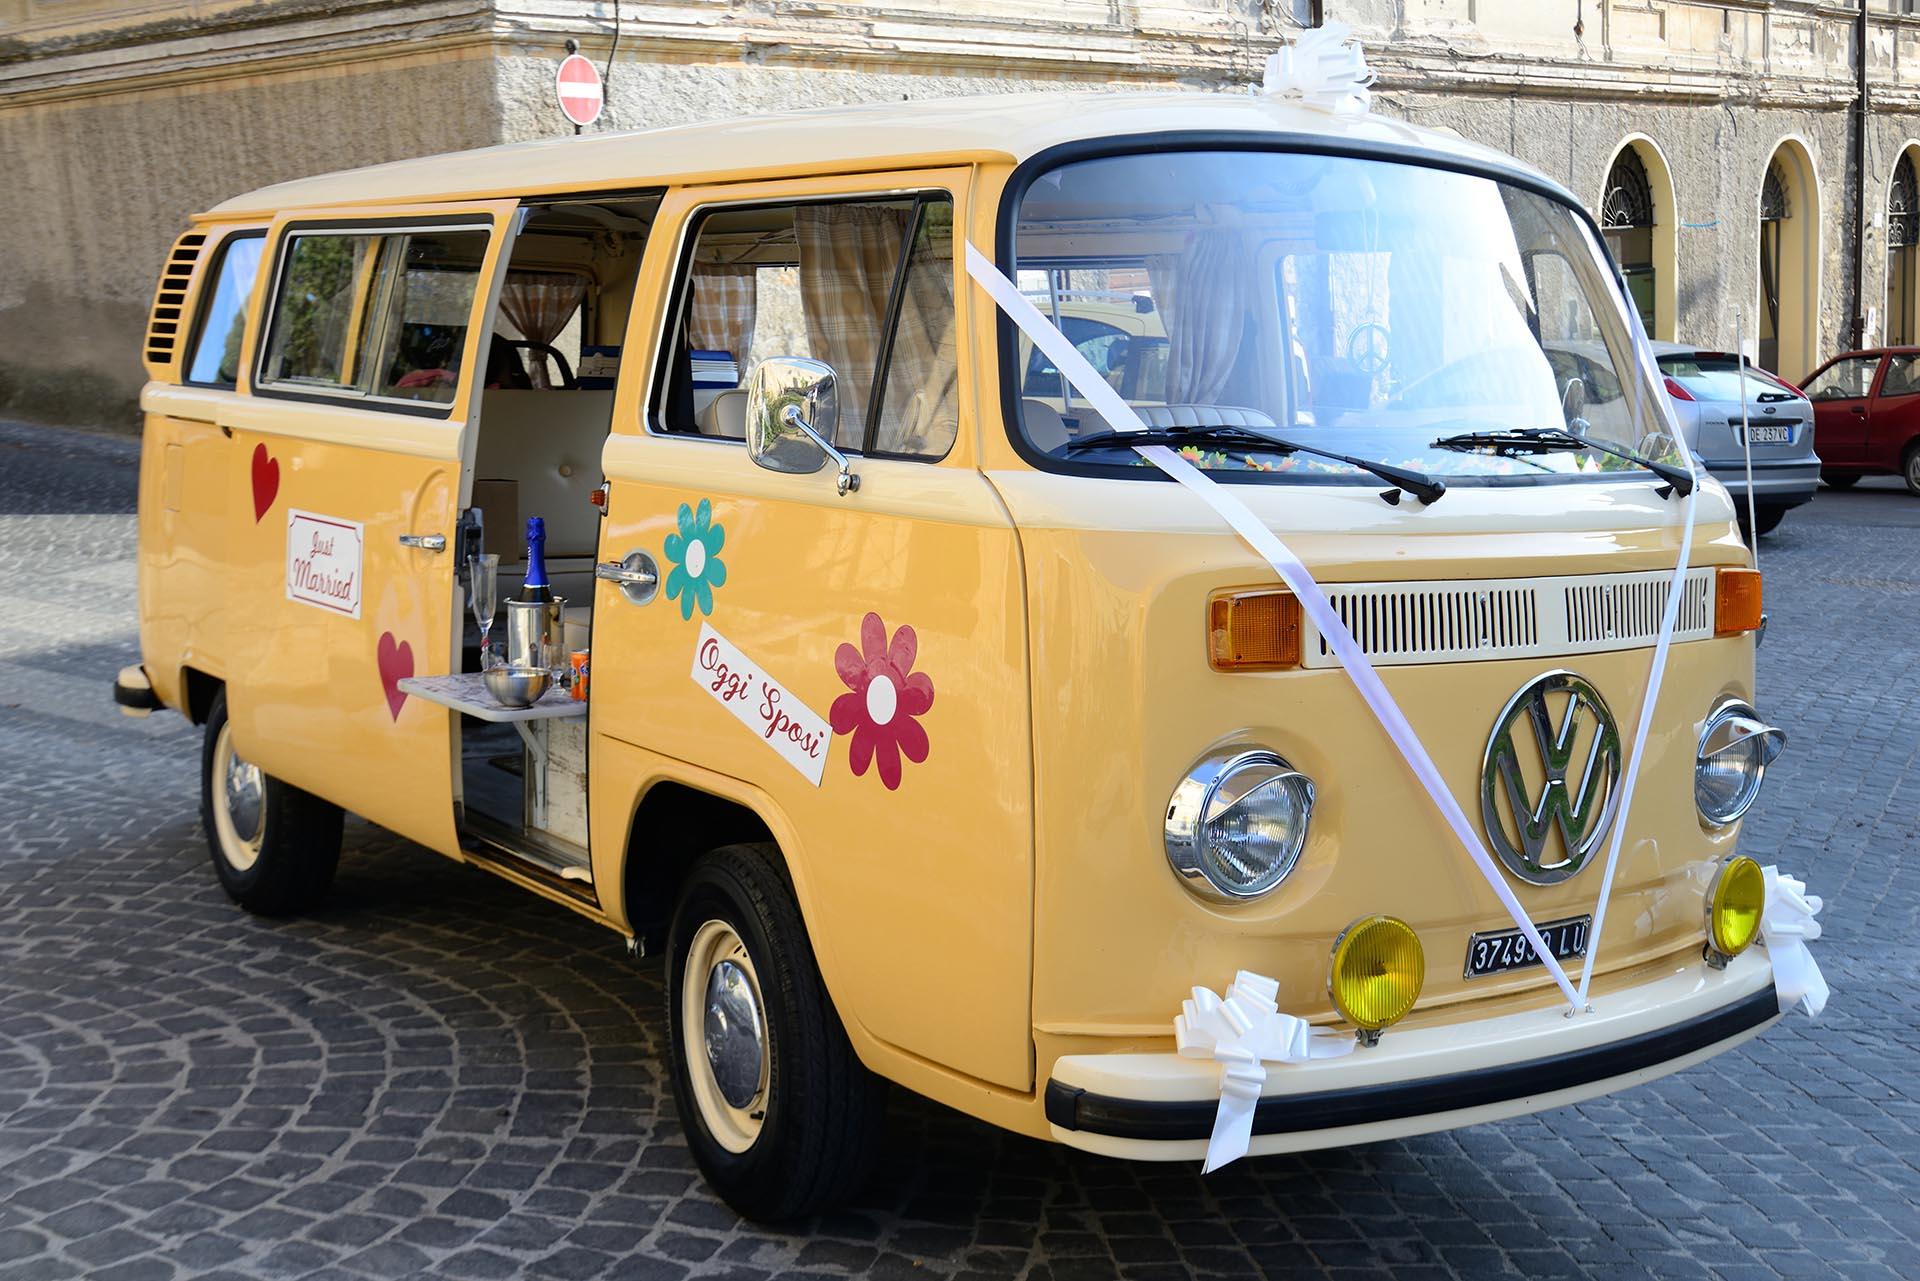 Affitto pulmino vintage roma: Alfred, pulmino Volkswagen per la tua festa